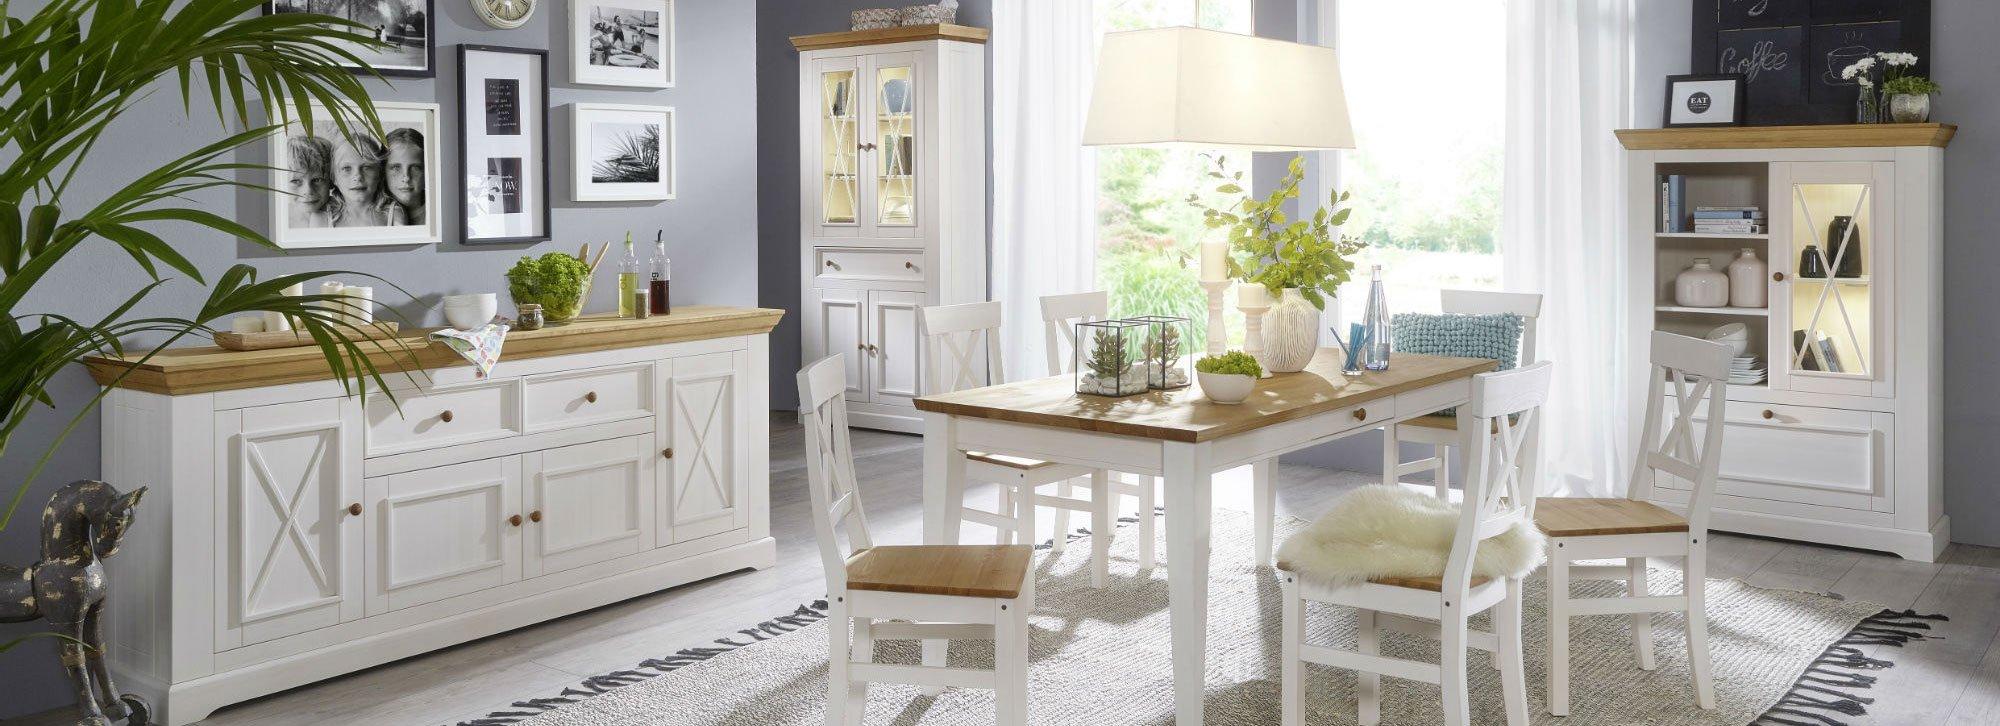 Landhaus Wohnzimmer Esszimmer Möbel Serie Viborg | SKANMØBLER